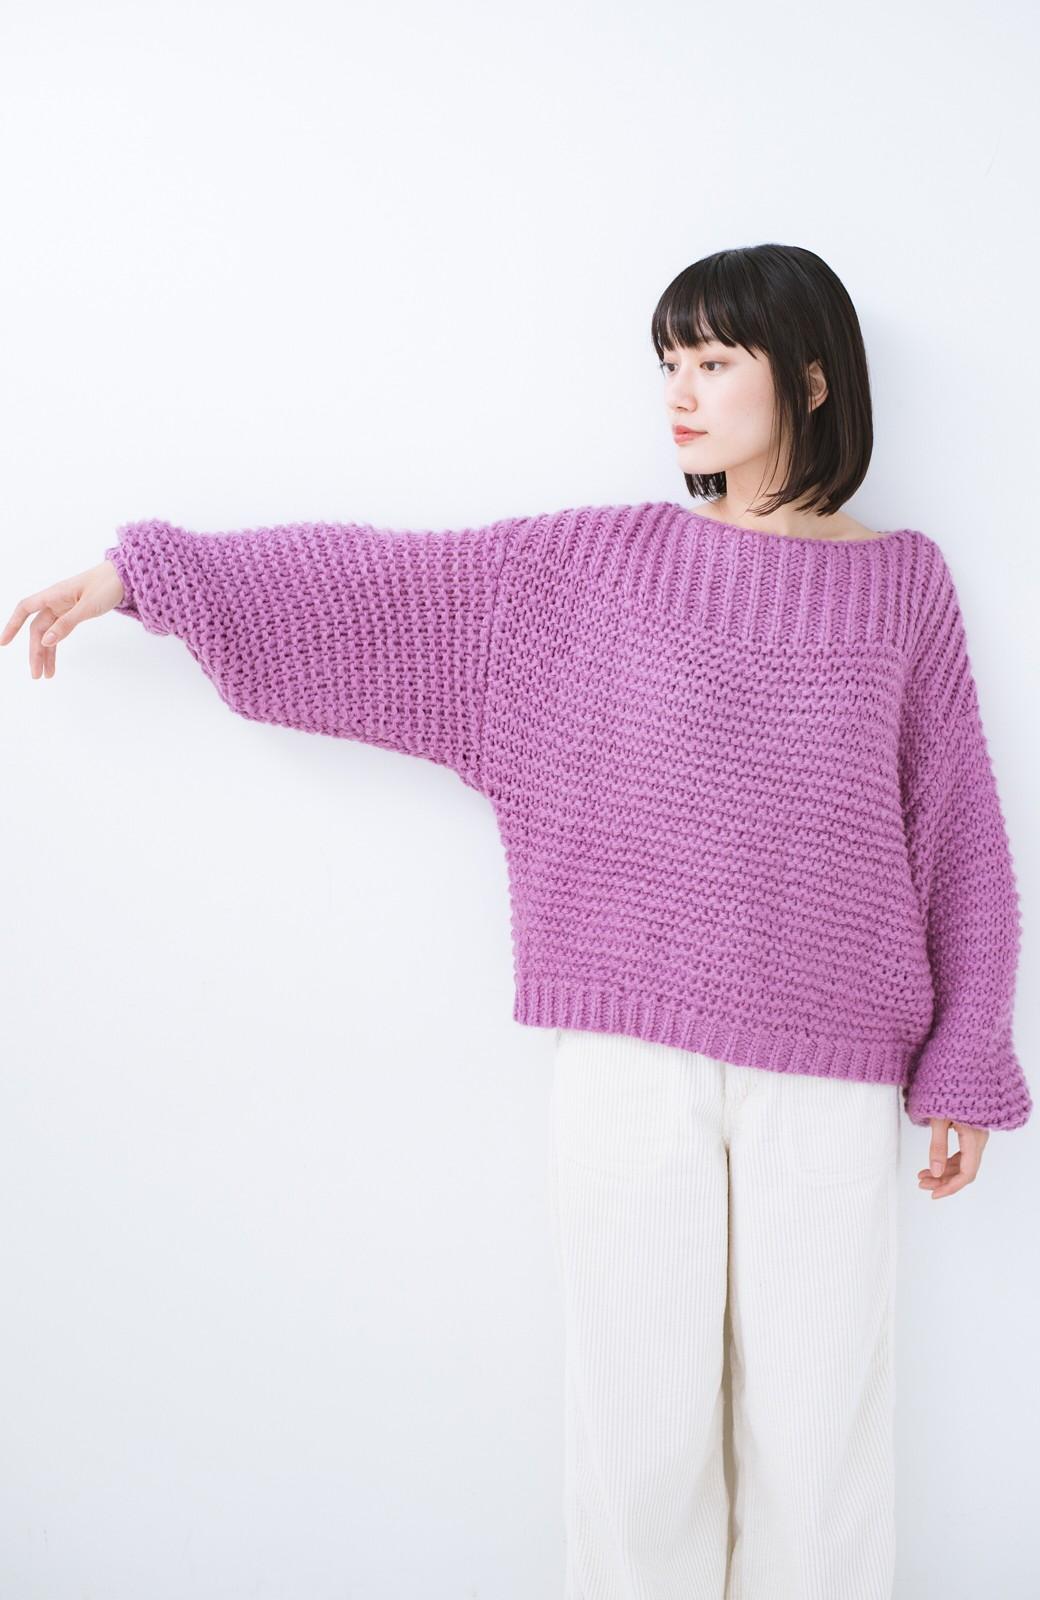 haco! 手編み風ガーター編みがかわいい ざっくり女っぽニット <ピンク>の商品写真10